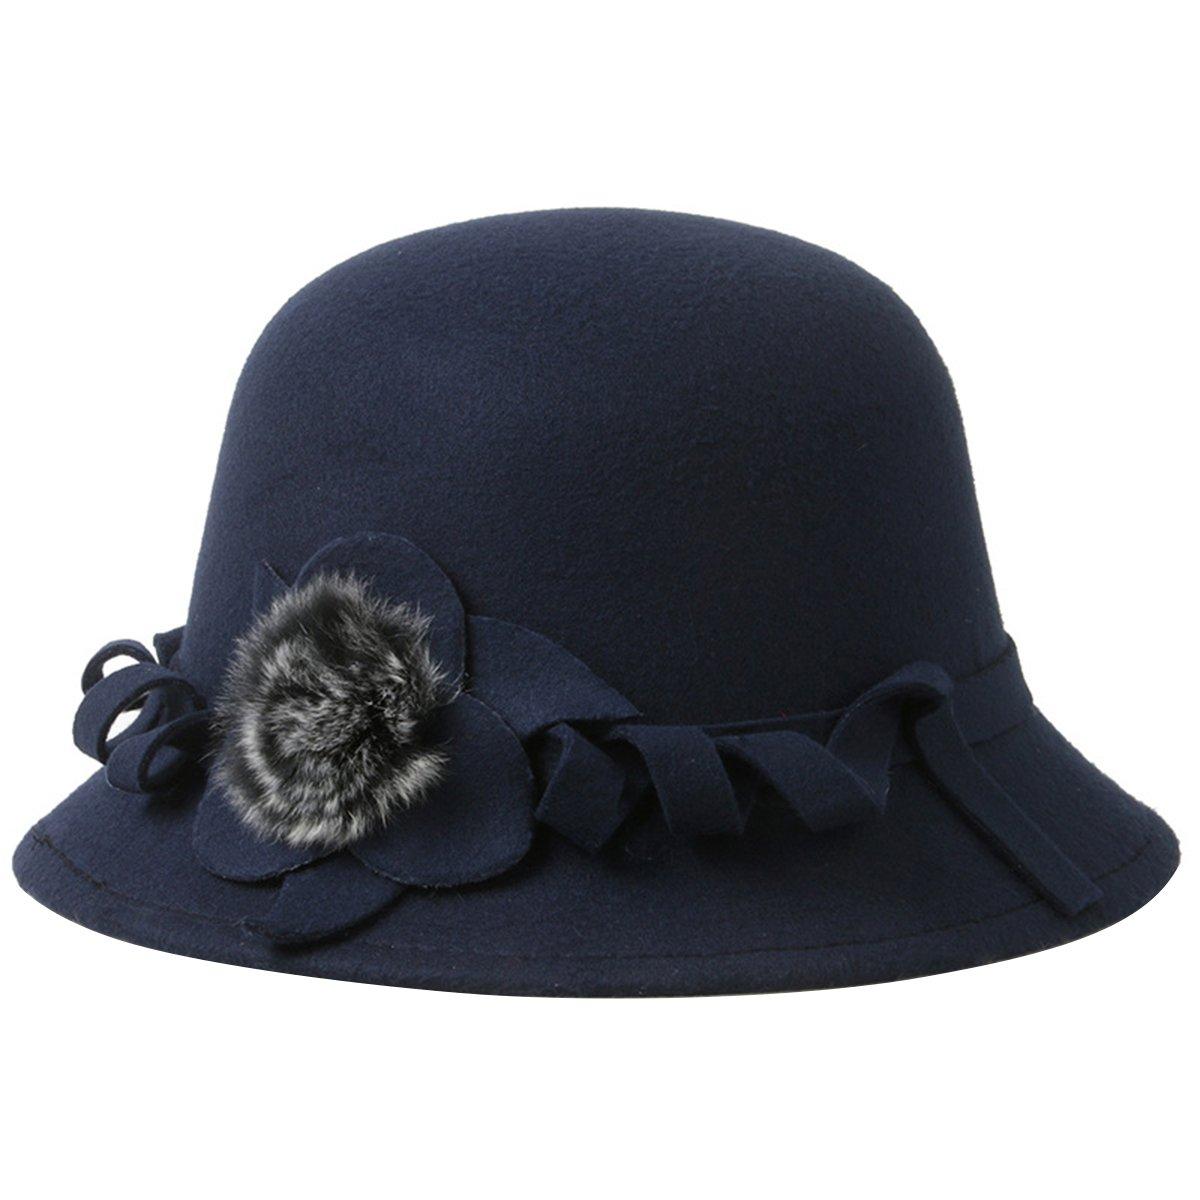 Tininna Winter Warm cappello di lana fiore elegante Fashion secchio cappello cloche cappello Derby C...